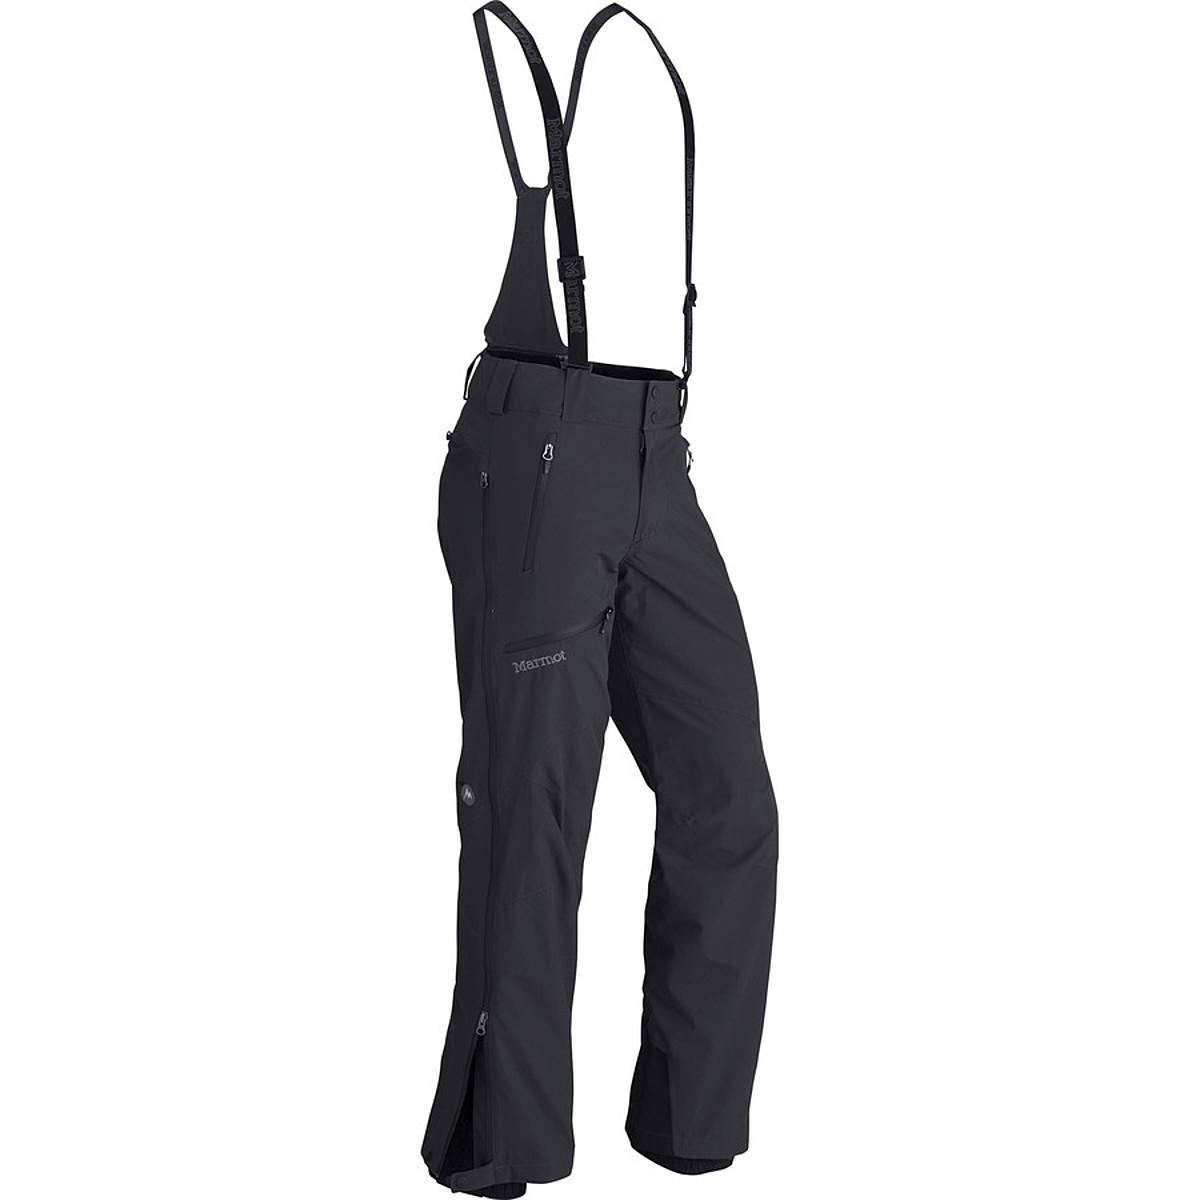 Marmot Conness Pant